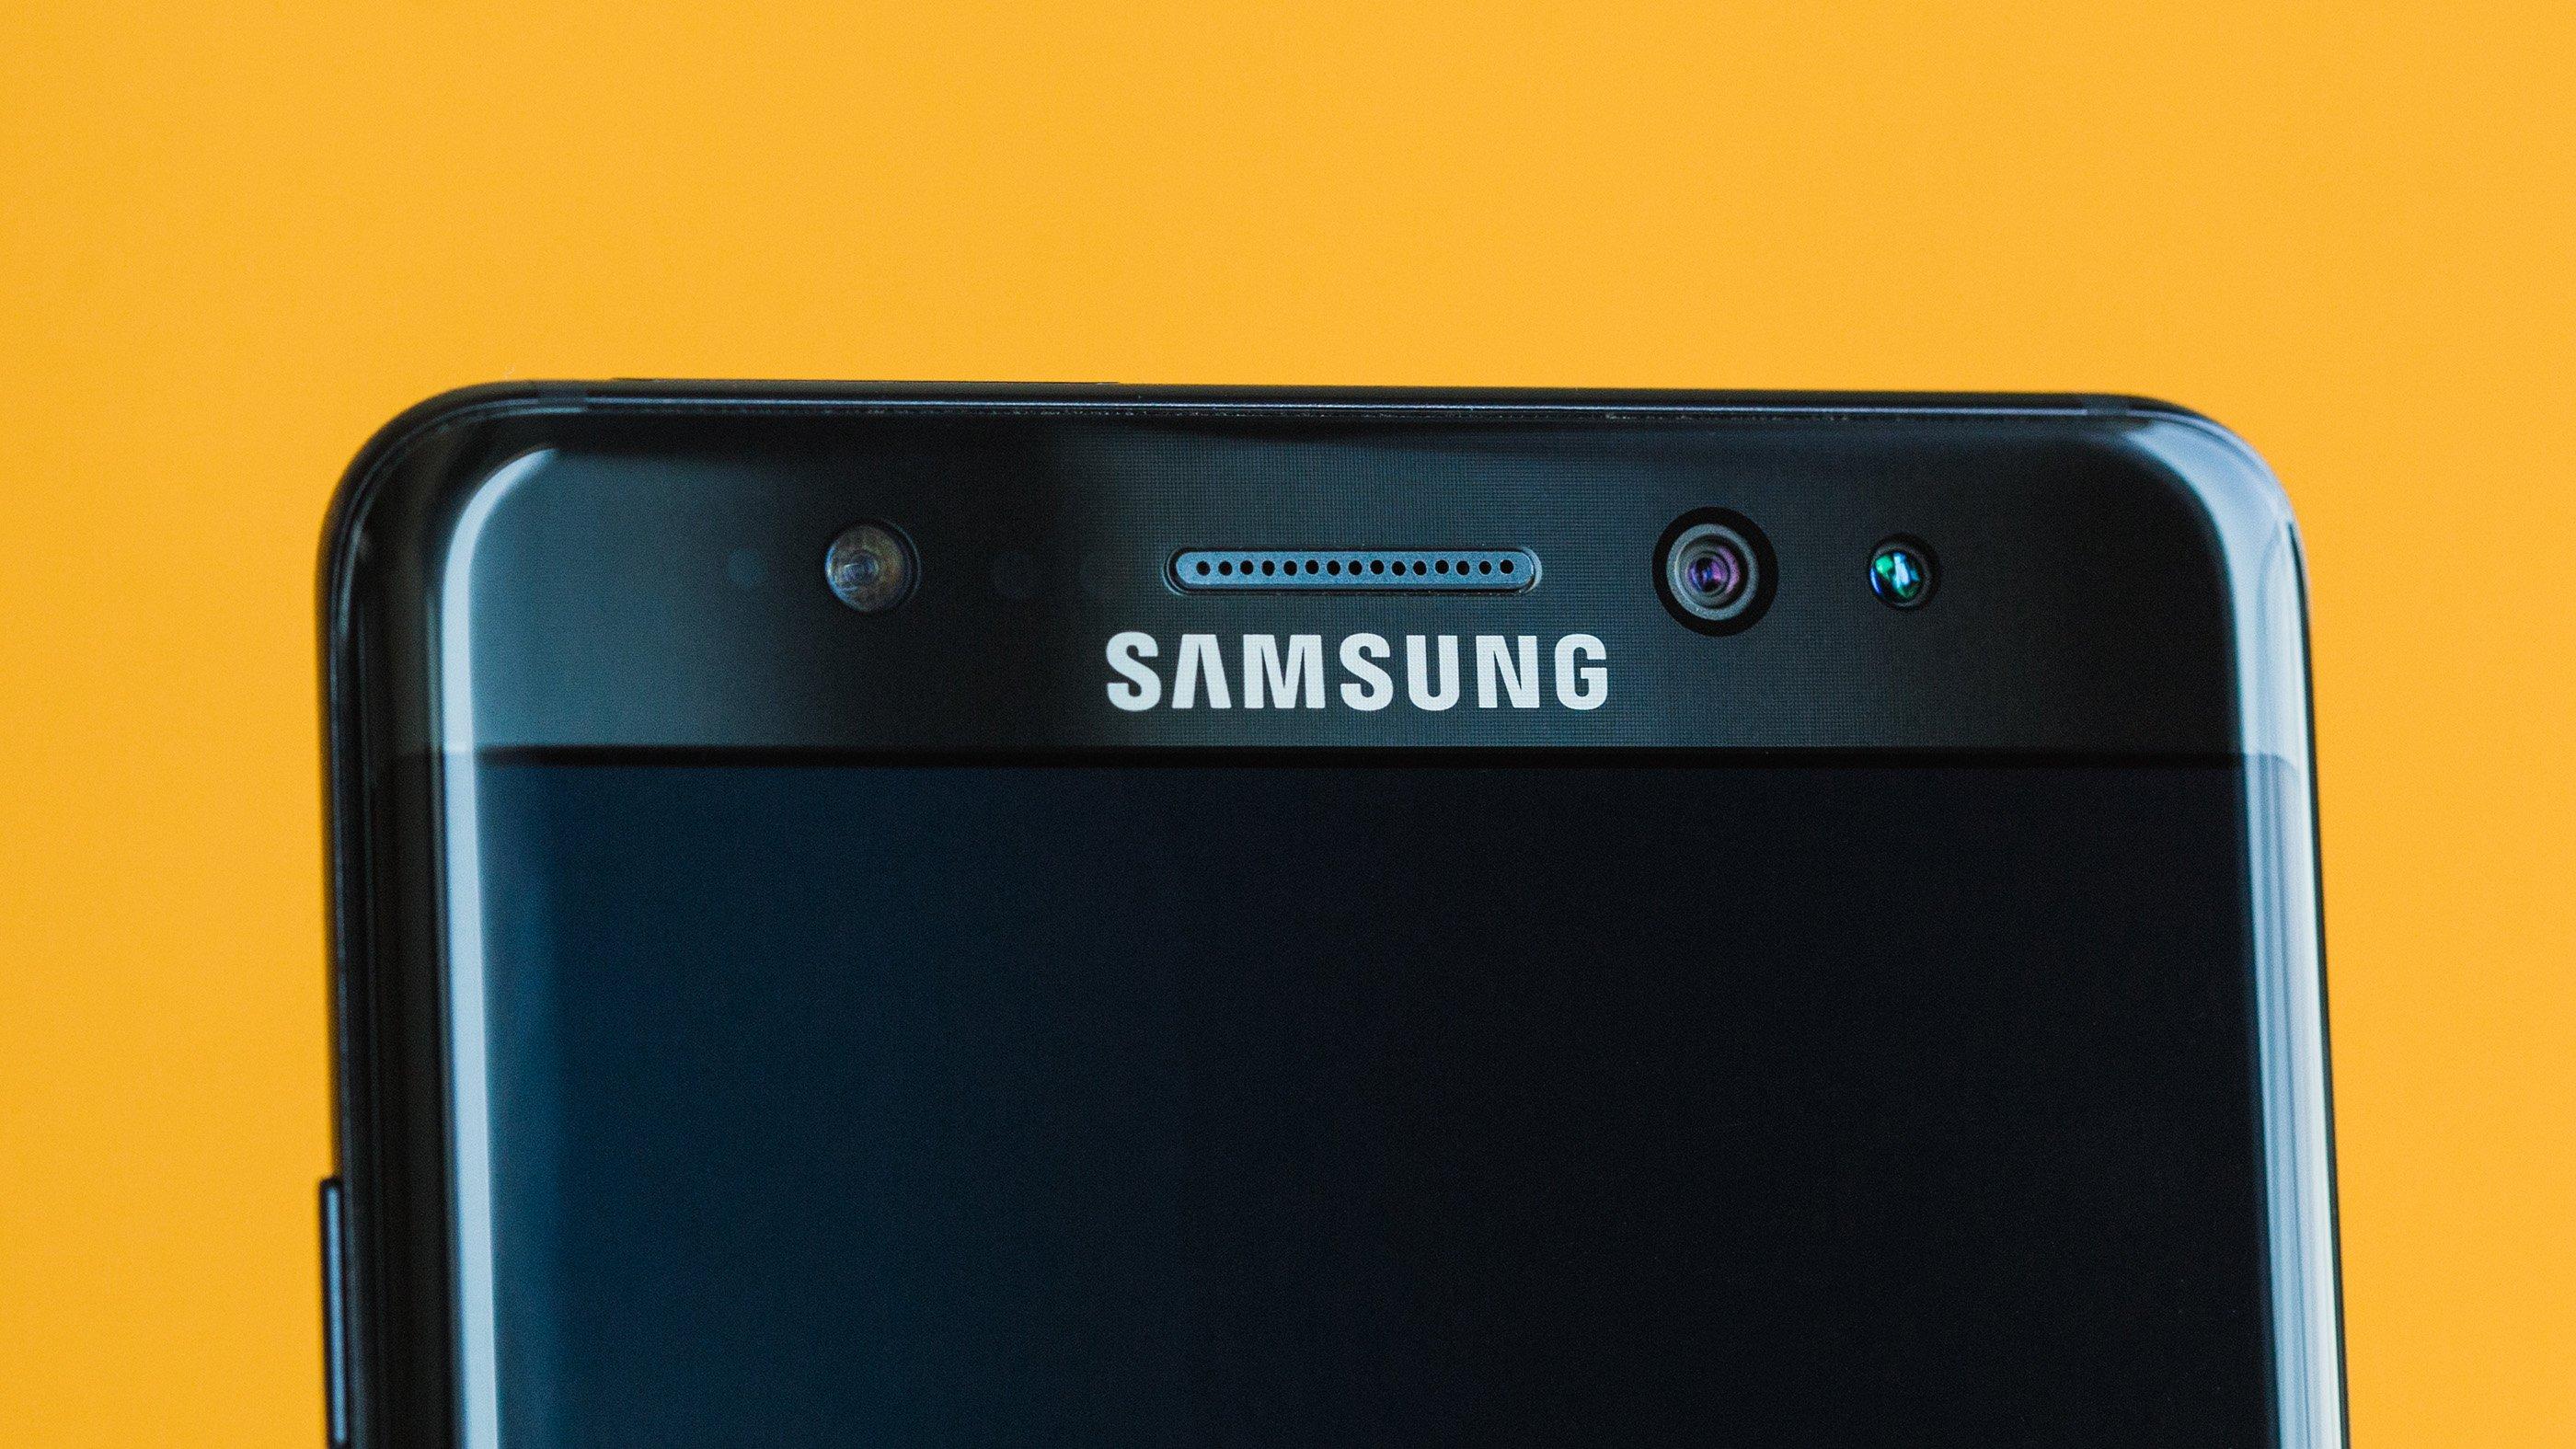 Le Samsung Galaxy Note 8 pourrait avoir un écran 4K